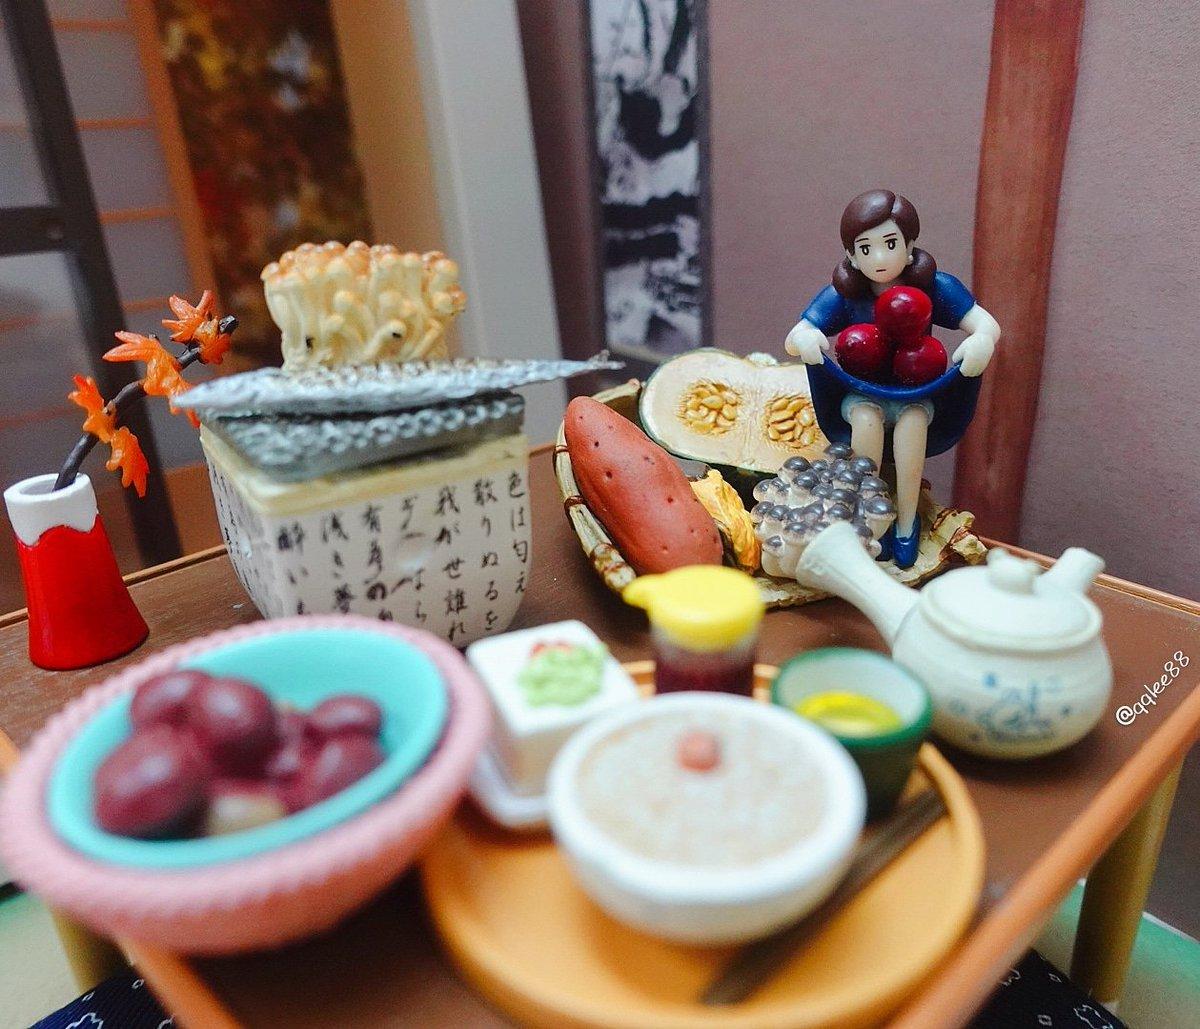 秋の料理 🍁🍂🍁 #秋刀魚 🐟 #南瓜 #かぼちゃ🎃 #栗子 #栗 🌰 #蕃薯 #芋 🥔 #茸 🍄  #フチ子  #fuchiko  #fuchico  #杯緣子  #ol人形  #リーメント  #rement  #ぷちサンプル  #食玩 https://t.co/lmIwmtSPnC